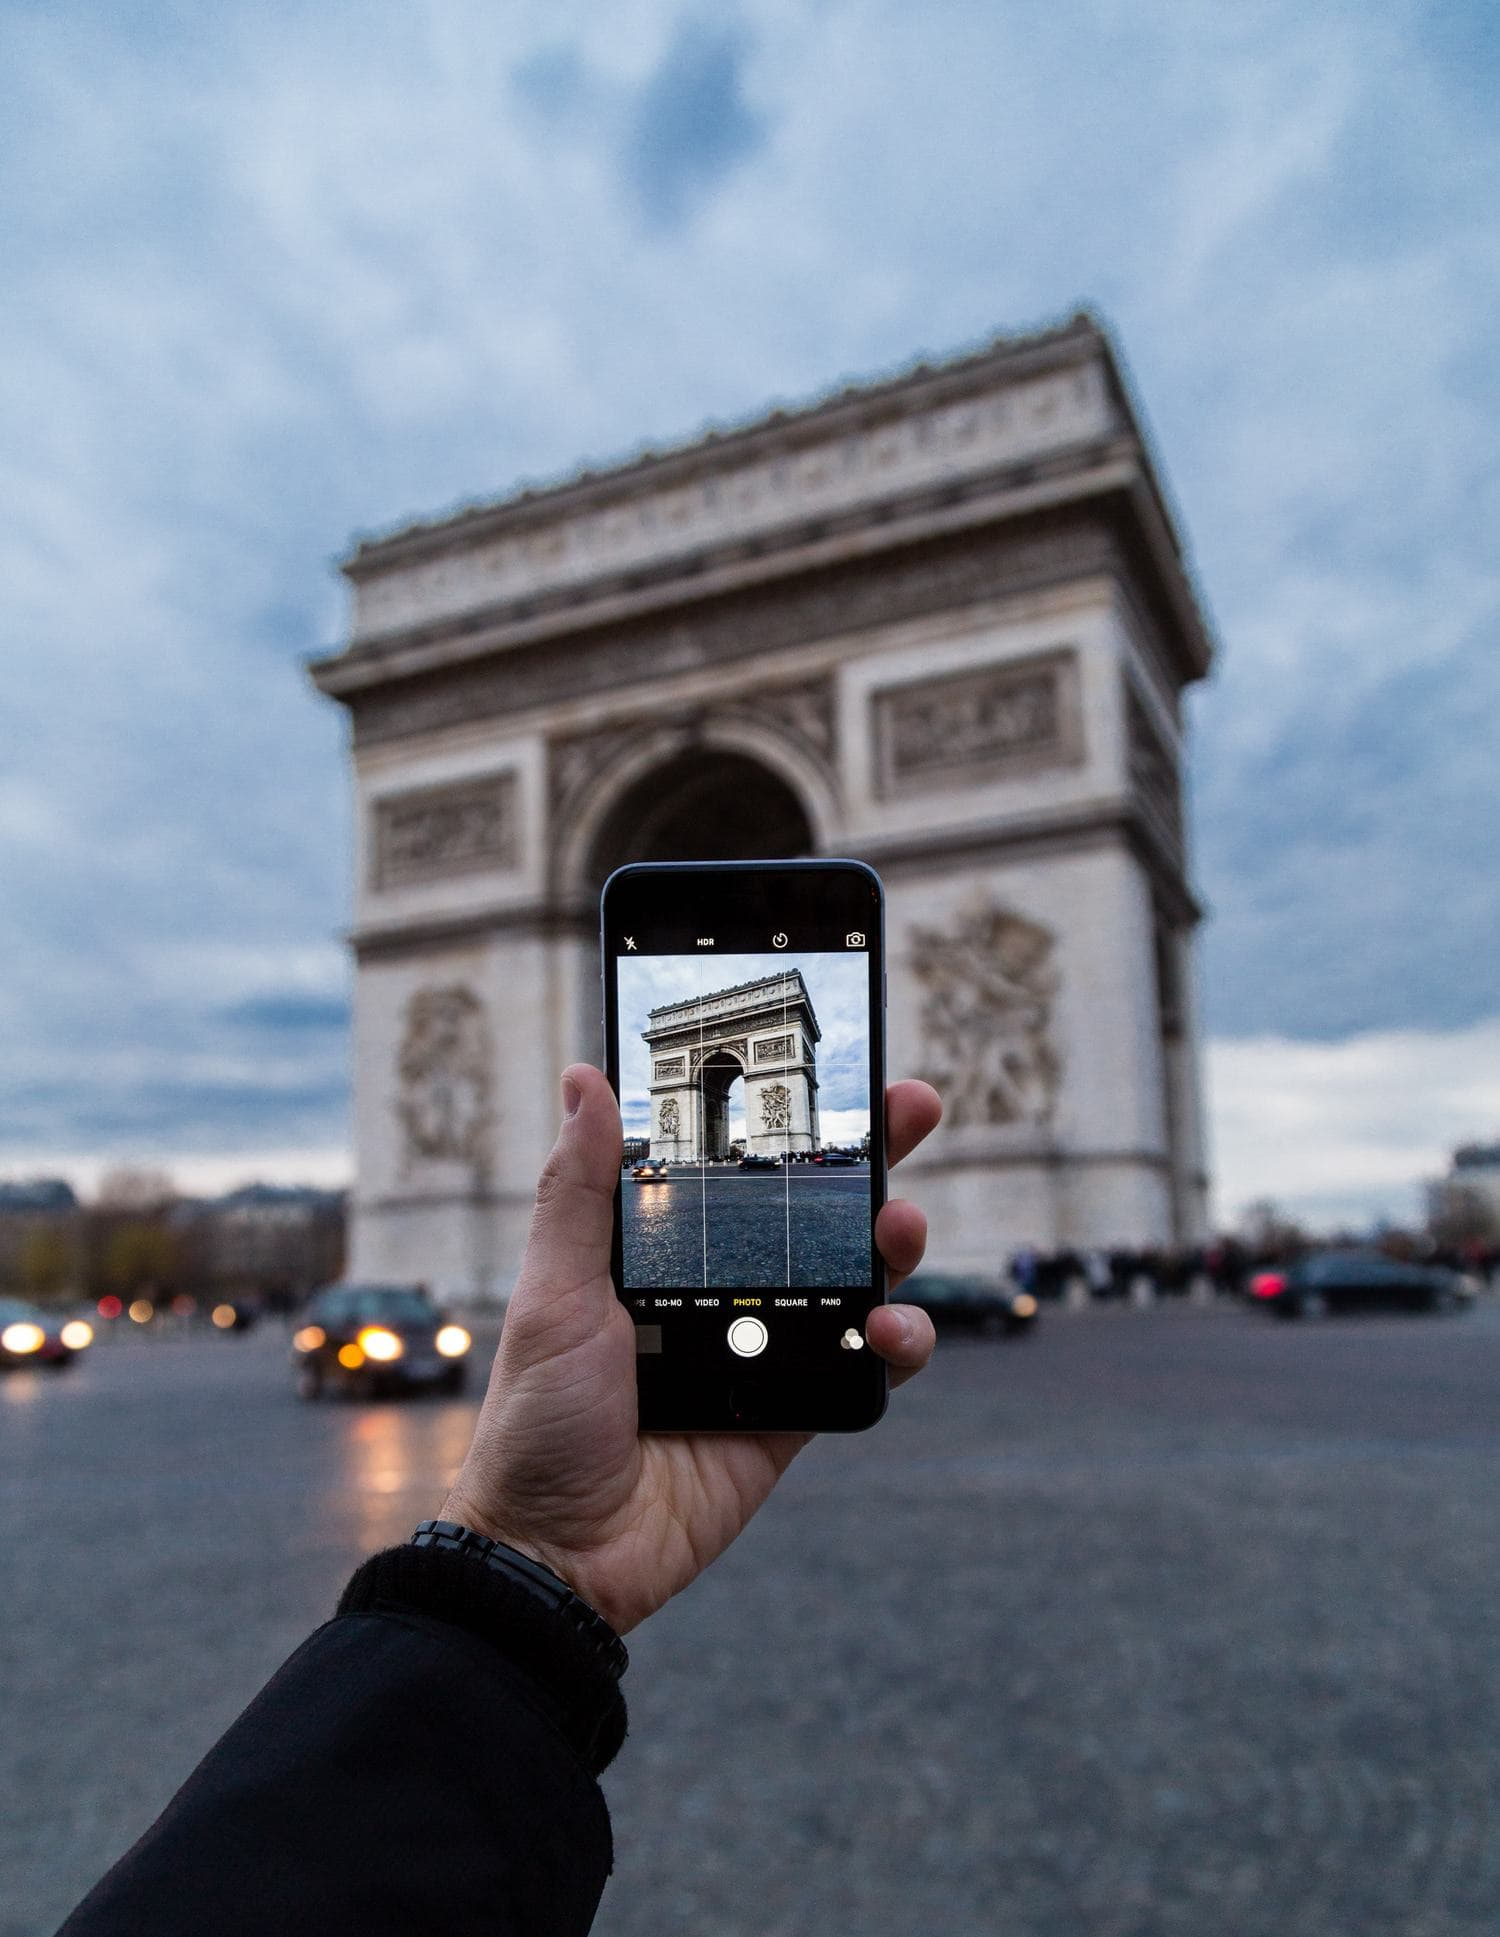 Fotografía de un móvil fotografiando monumento en ciudad de París